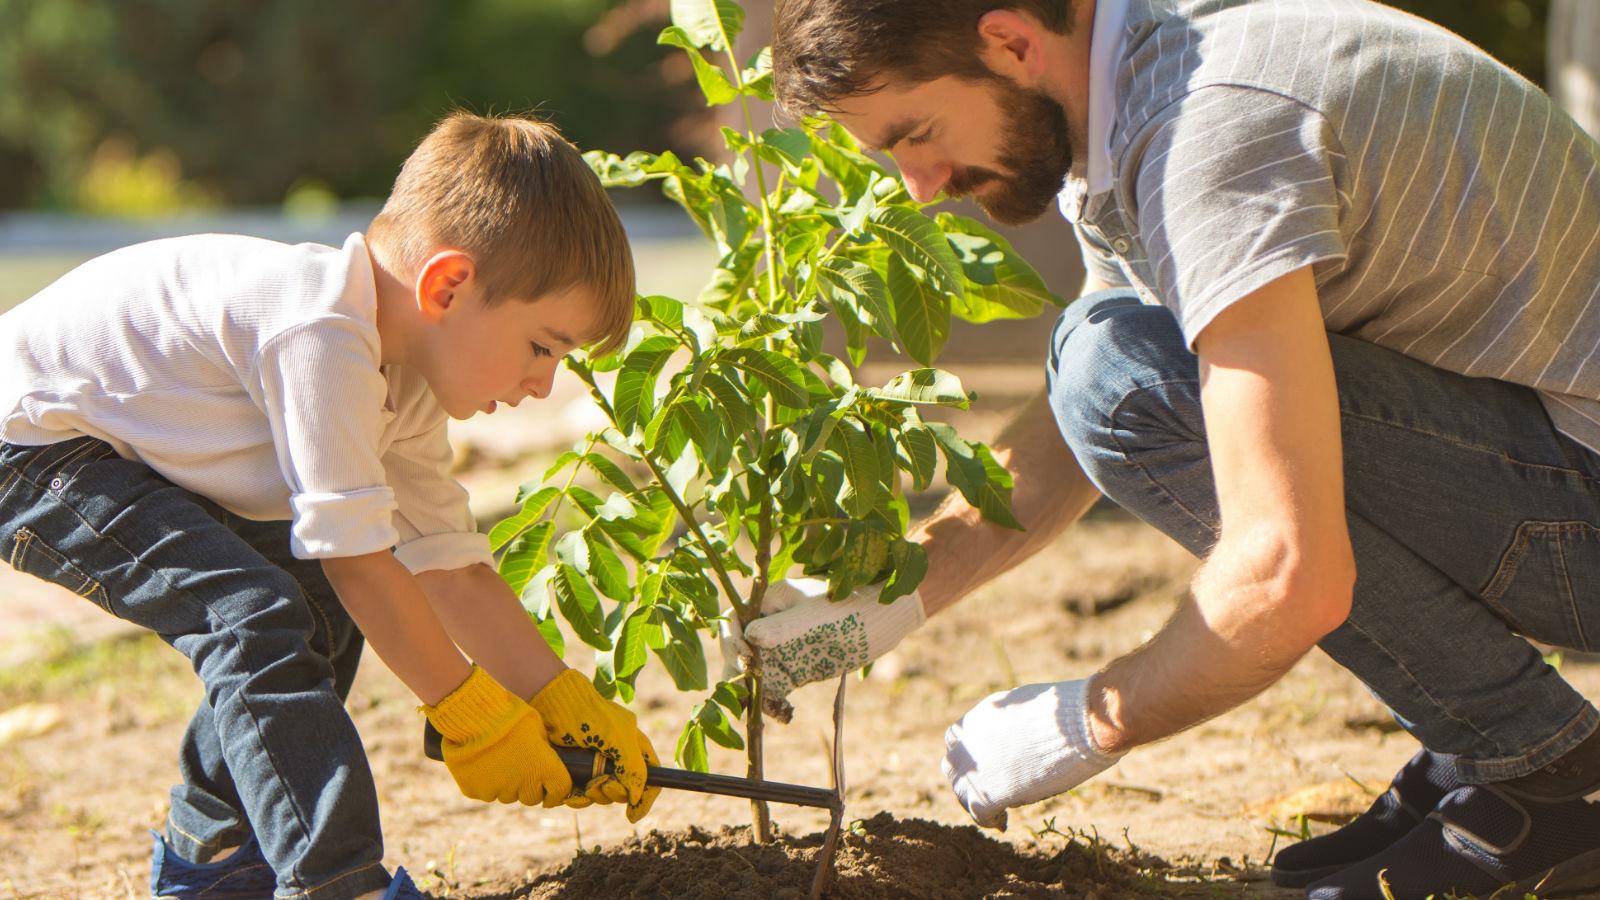 Sembrar un jardín es una saludable actividad familiar